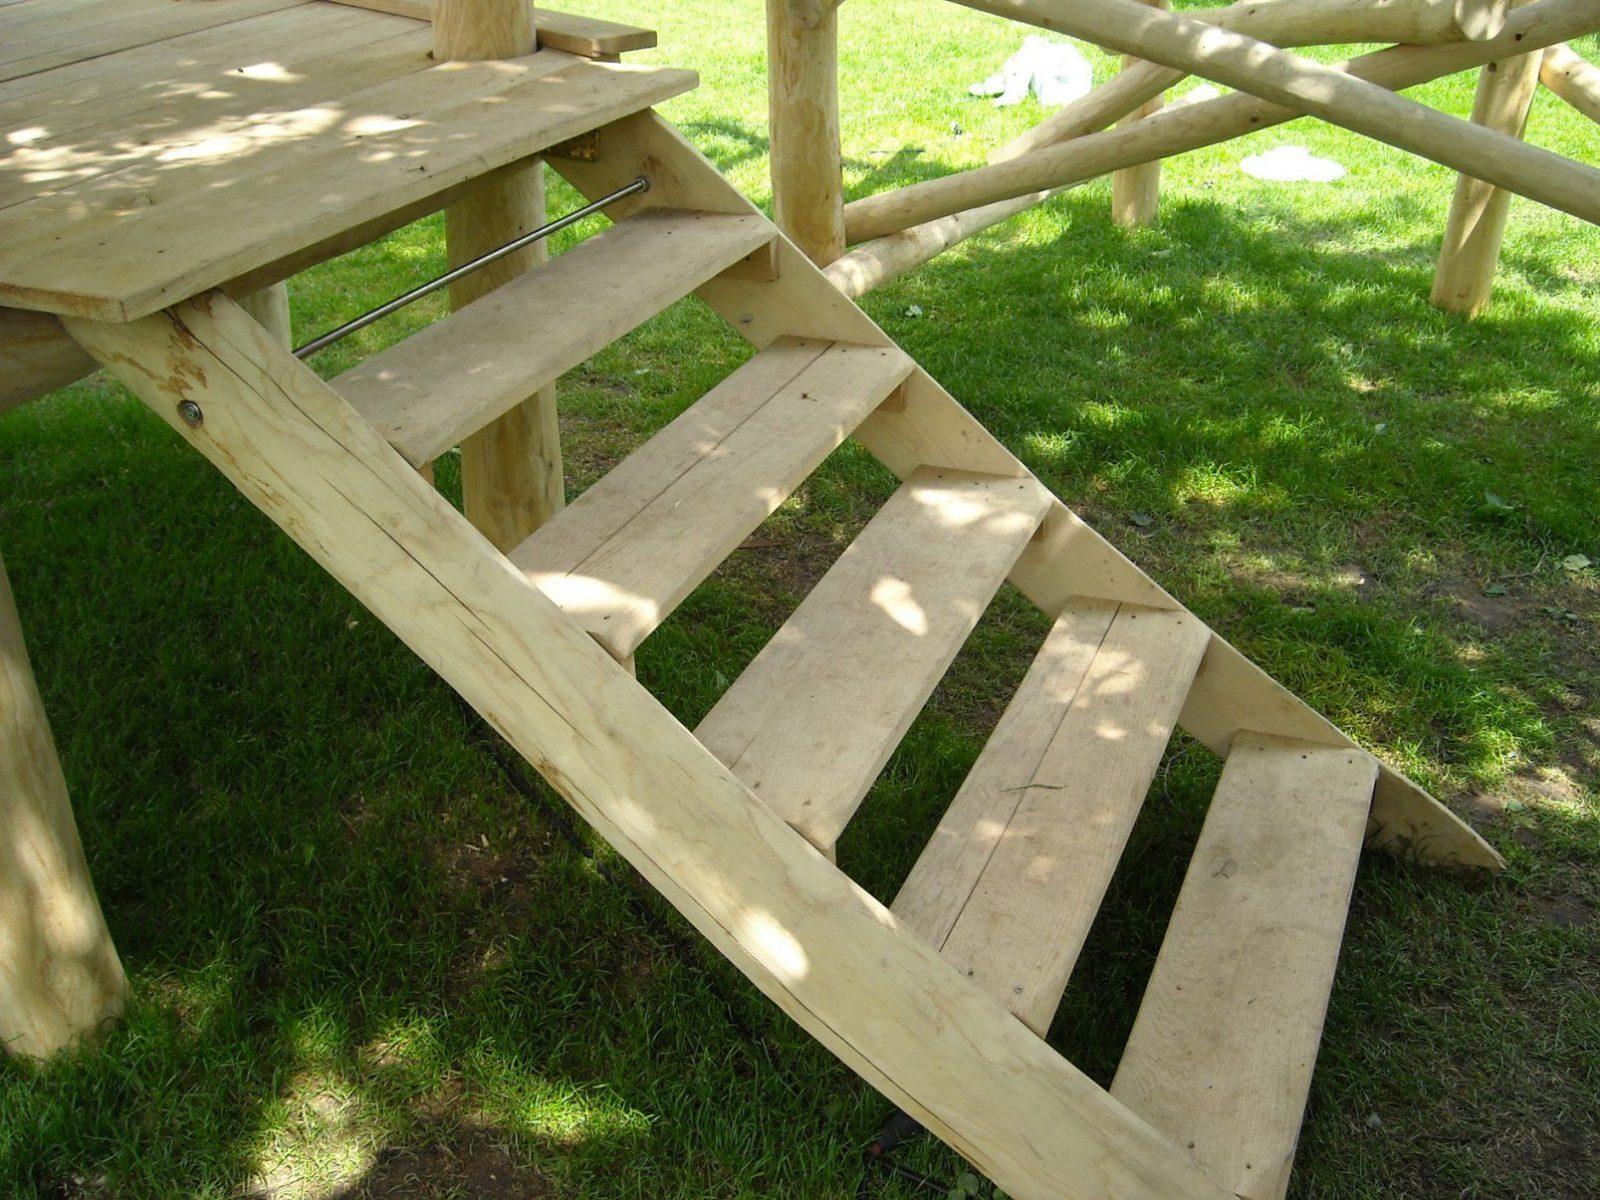 Treppe Aus Holz Bauen Io47 – Hitoiro von Außentreppe Holz Selber Bauen Photo